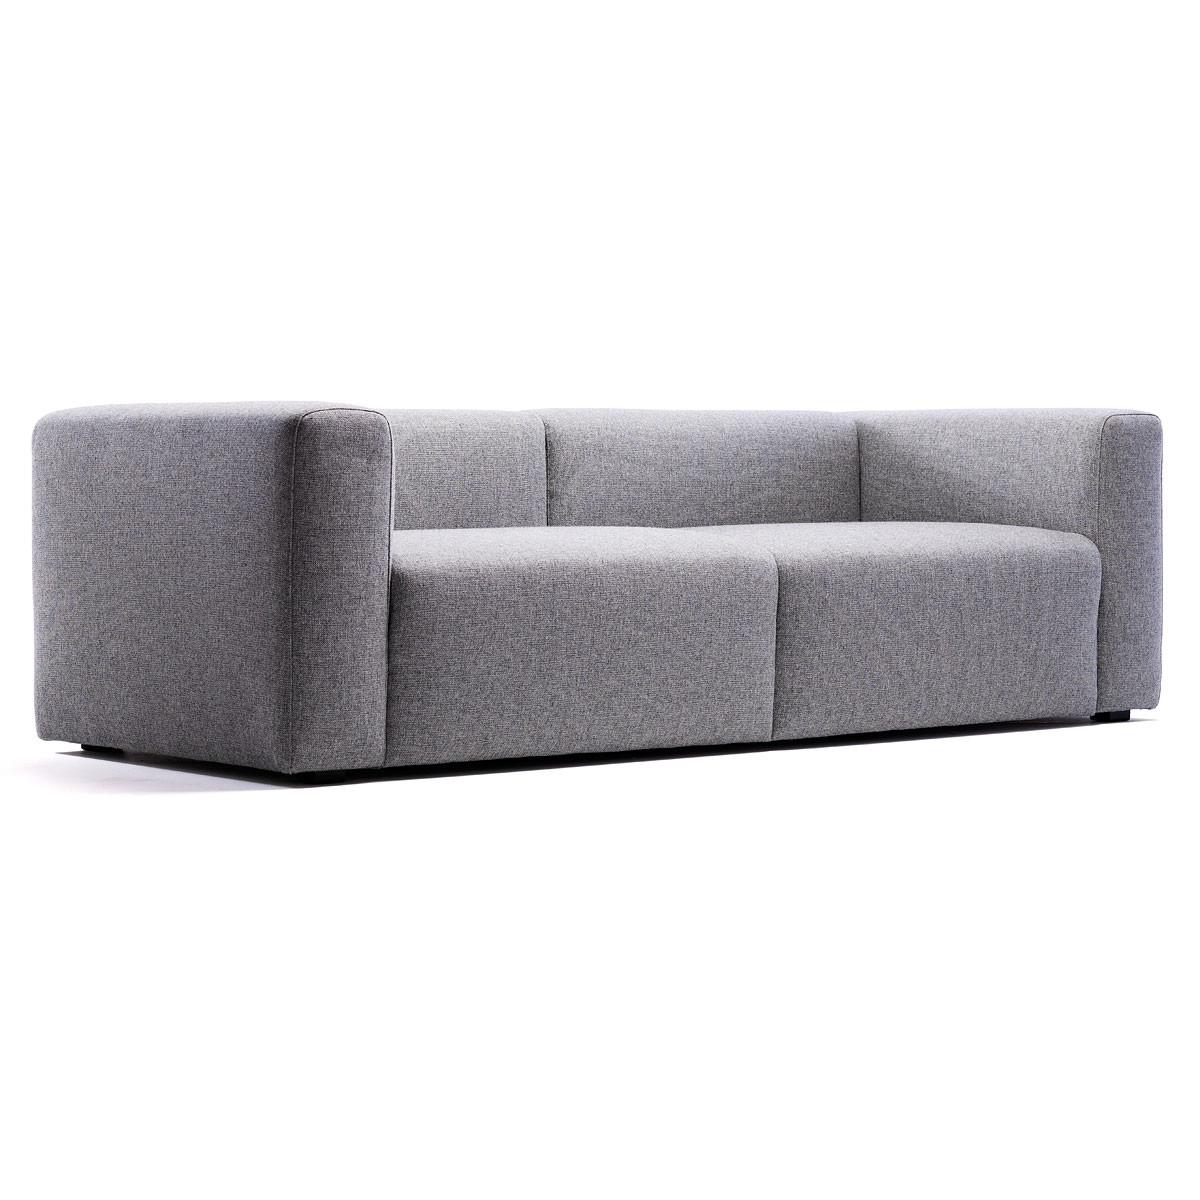 Full Size of Sofa 2 5 Sitzer Couch Leder Relaxfunktion Grau Mit Microfaser Marilyn Stoff Federkern Landhausstil Schlaffunktion Elektrisch Bett Breit Günstiges Xxxl Selber Sofa Sofa 2 5 Sitzer